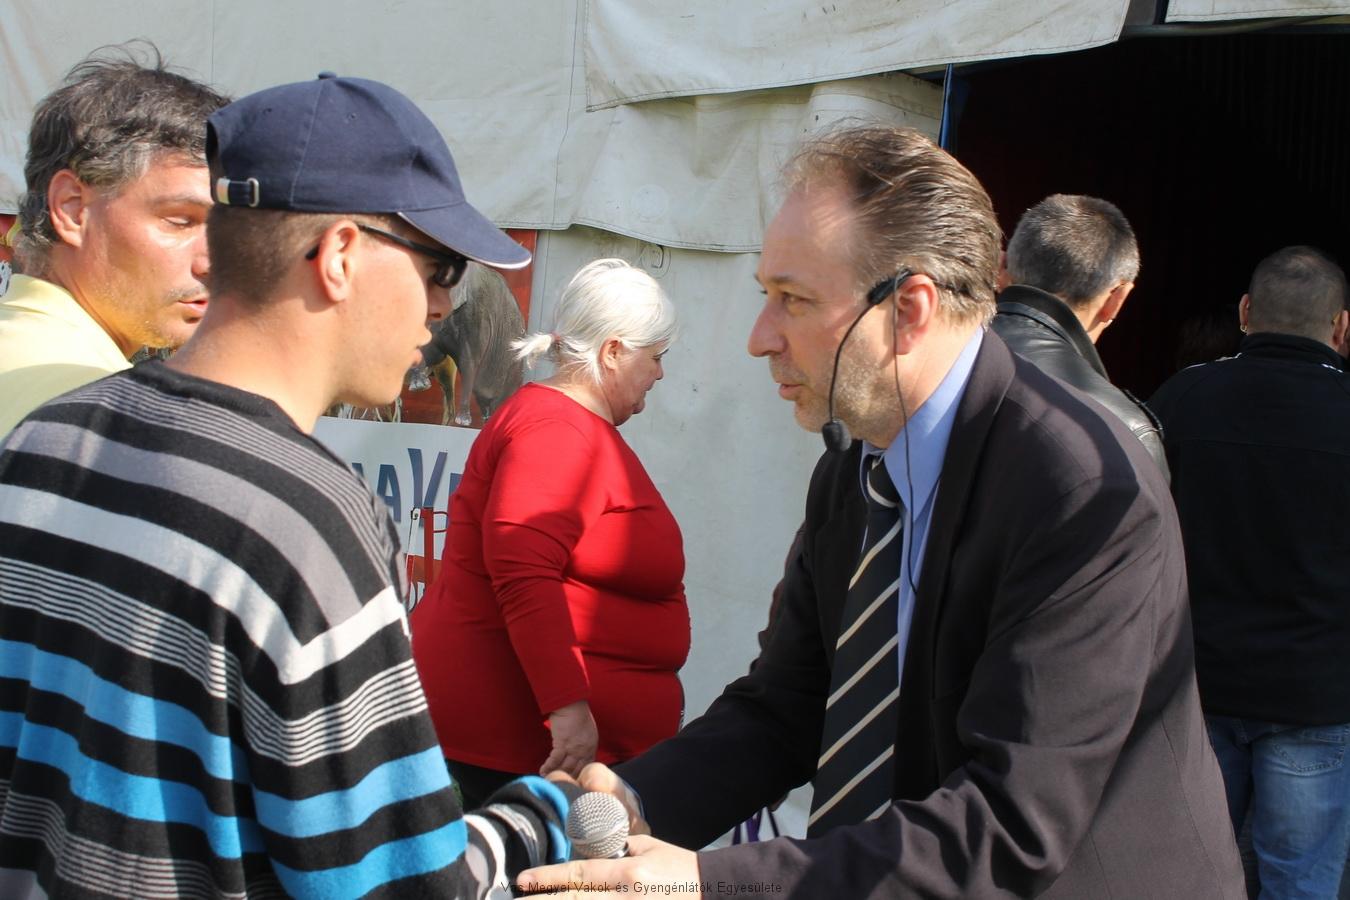 Fekete Péter miniszteri biztos, a Fővárosi Nagycirkusz igazgatója fogadta az érkezőket.